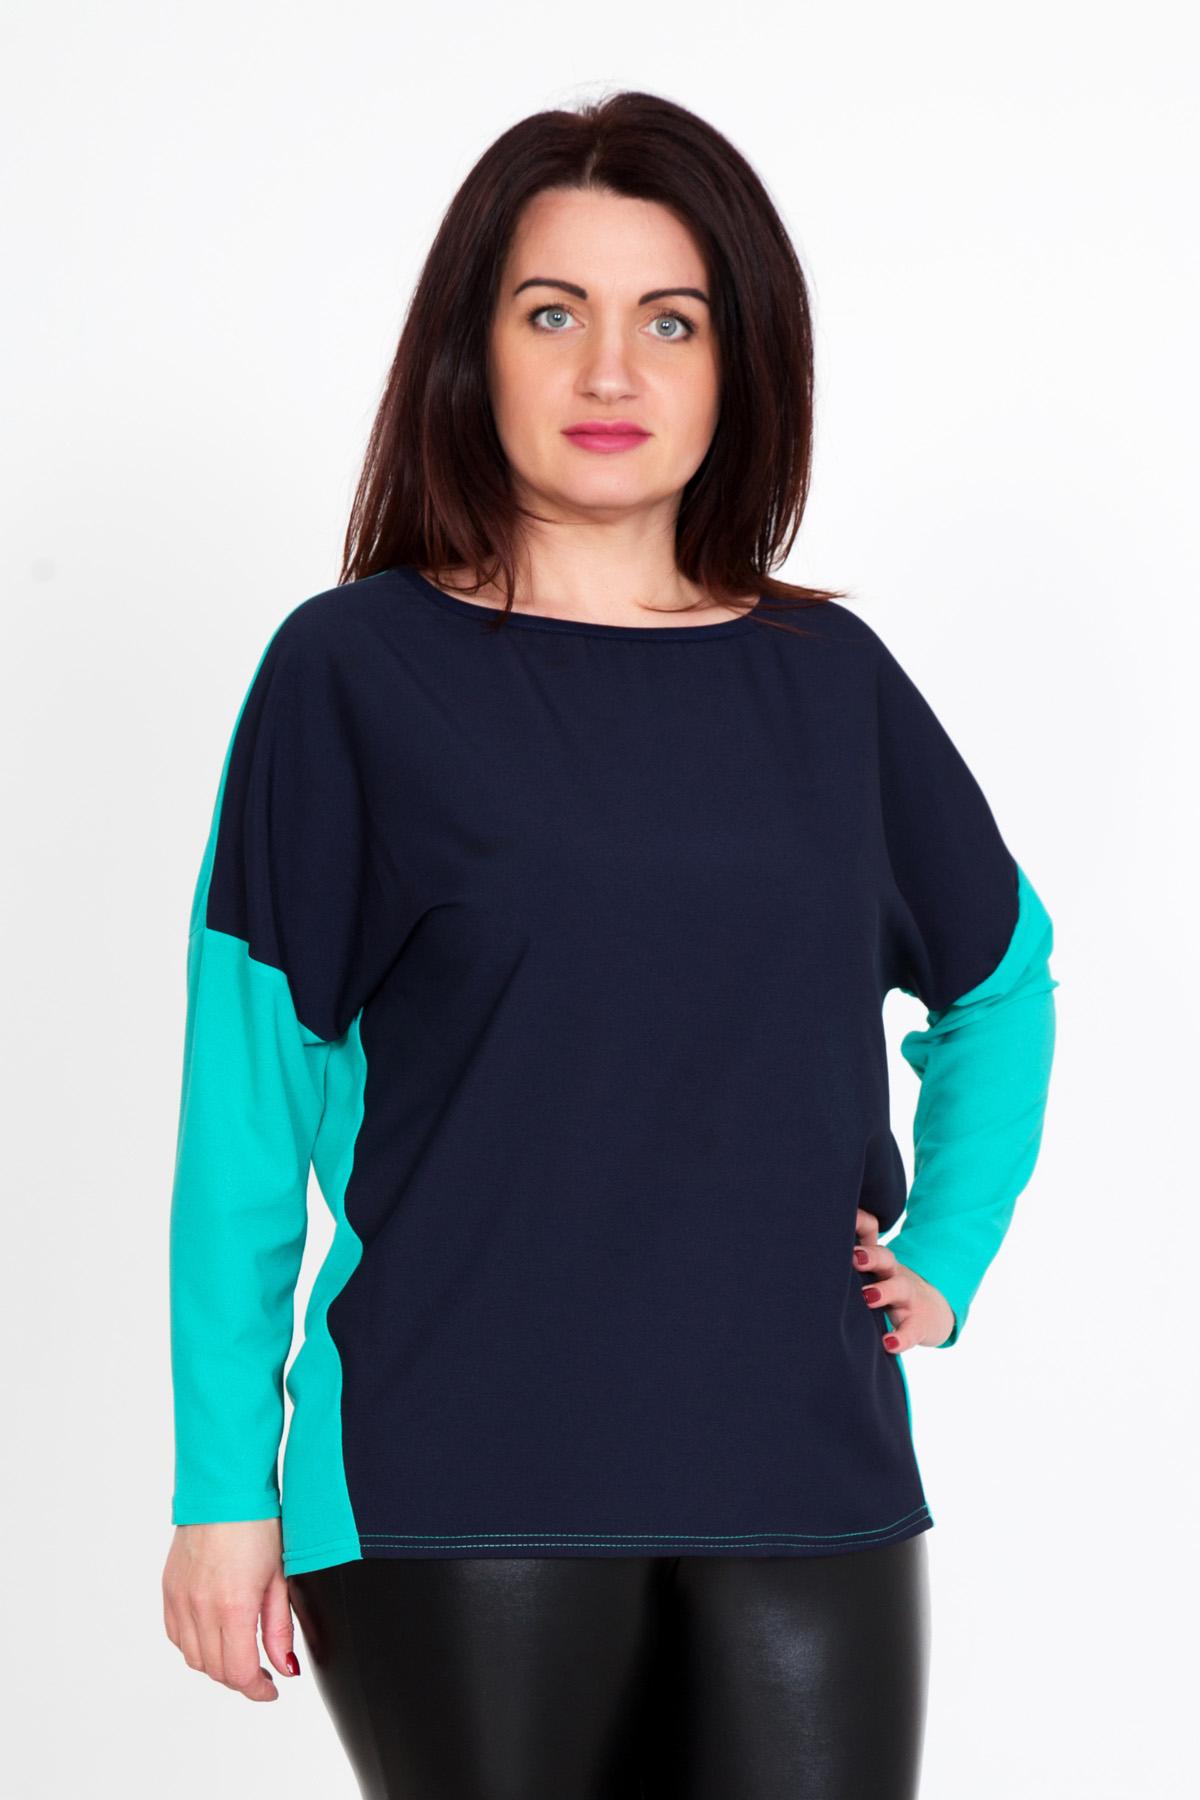 Жен. блуза Наоми р. 48Распродажа женской одежды<br>Обхват груди: 96 см <br>Обхват талии: 78 см <br>Обхват бедер: 104 см <br>Длина по спинке: 65 см <br>Рост: 167 см<br><br>Тип: Жен. блуза<br>Размер: 48<br>Материал: Креп